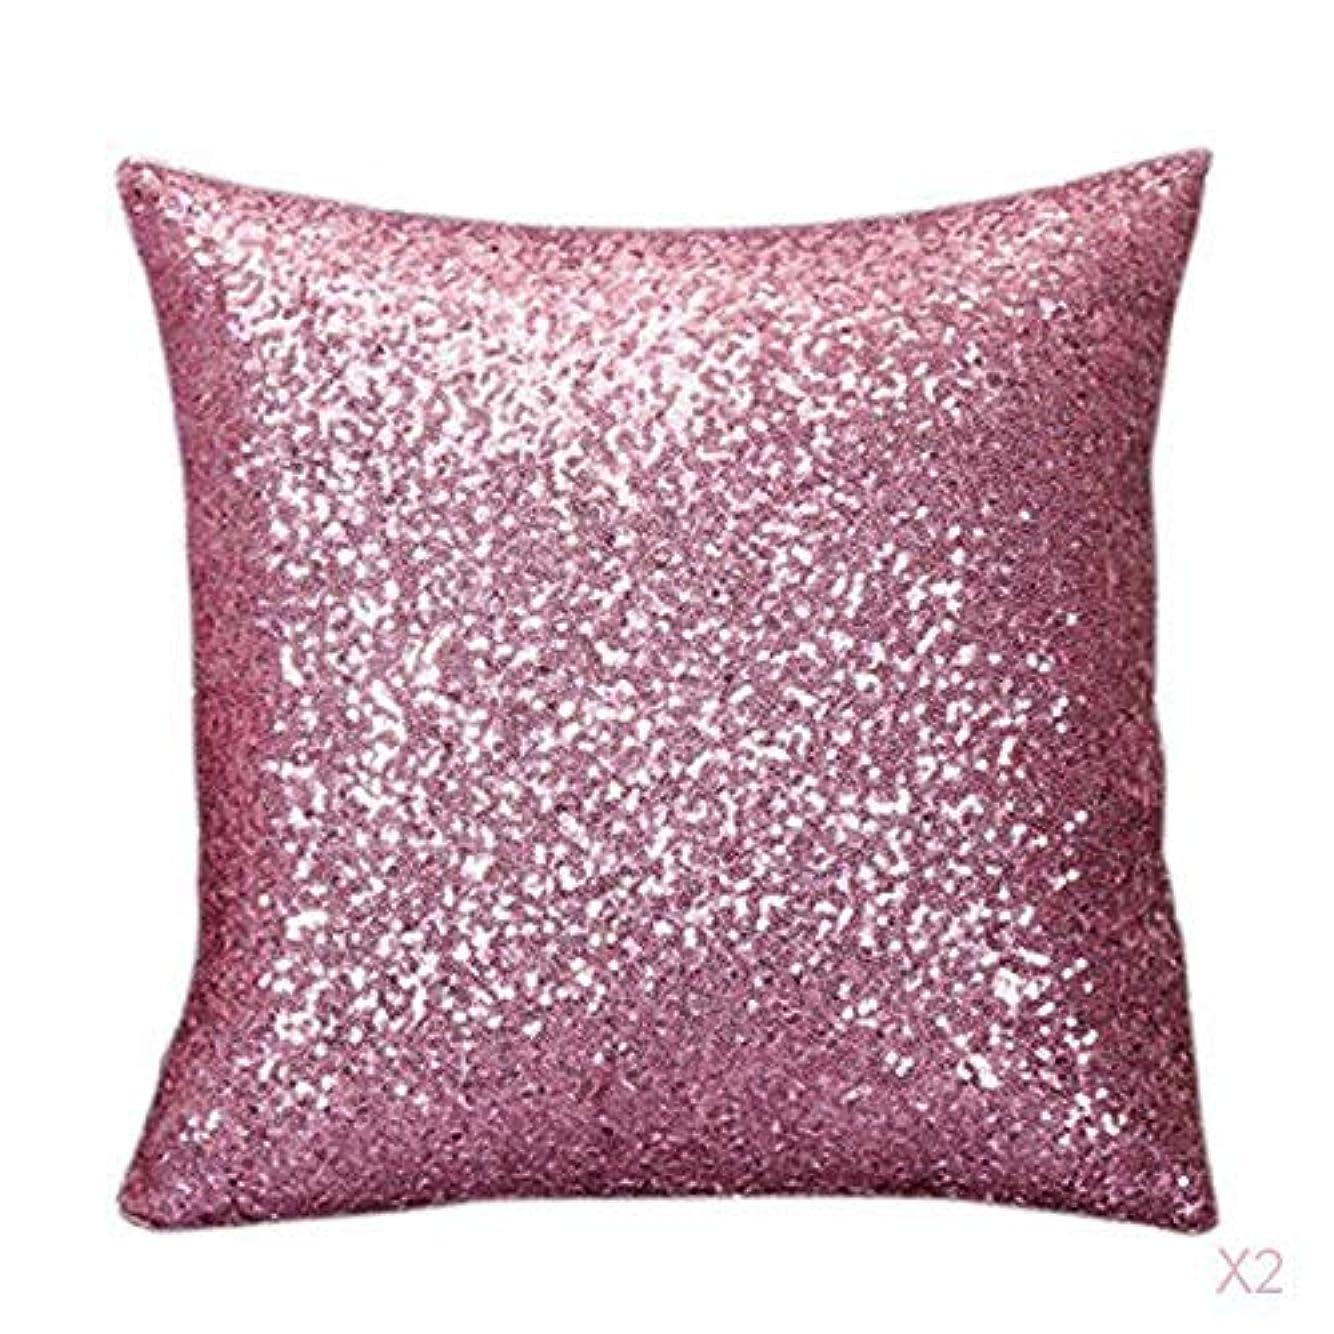 コントラストロードされた家具ファンシースパンコールソファスクエア枕クッションカバーケースは、ホームインテリアピンクを投げます